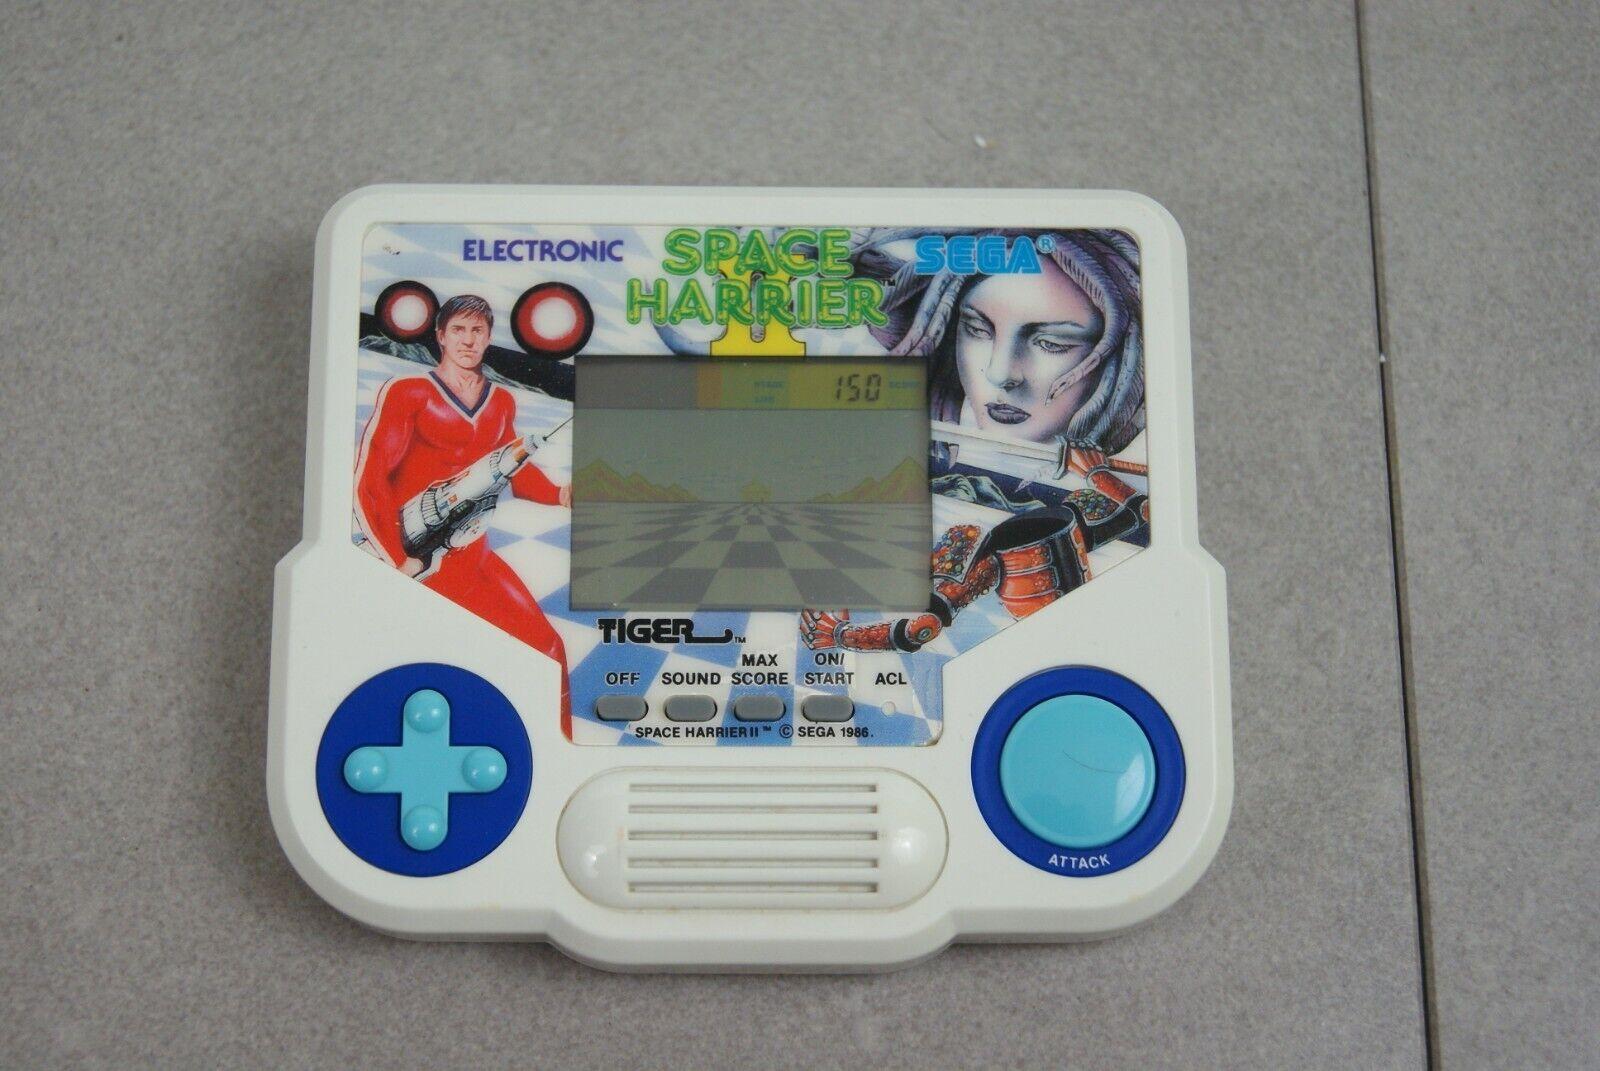 Tiger LCD de mano   1990 Tiger Electronics espacio aguilucho 2  - muy rara